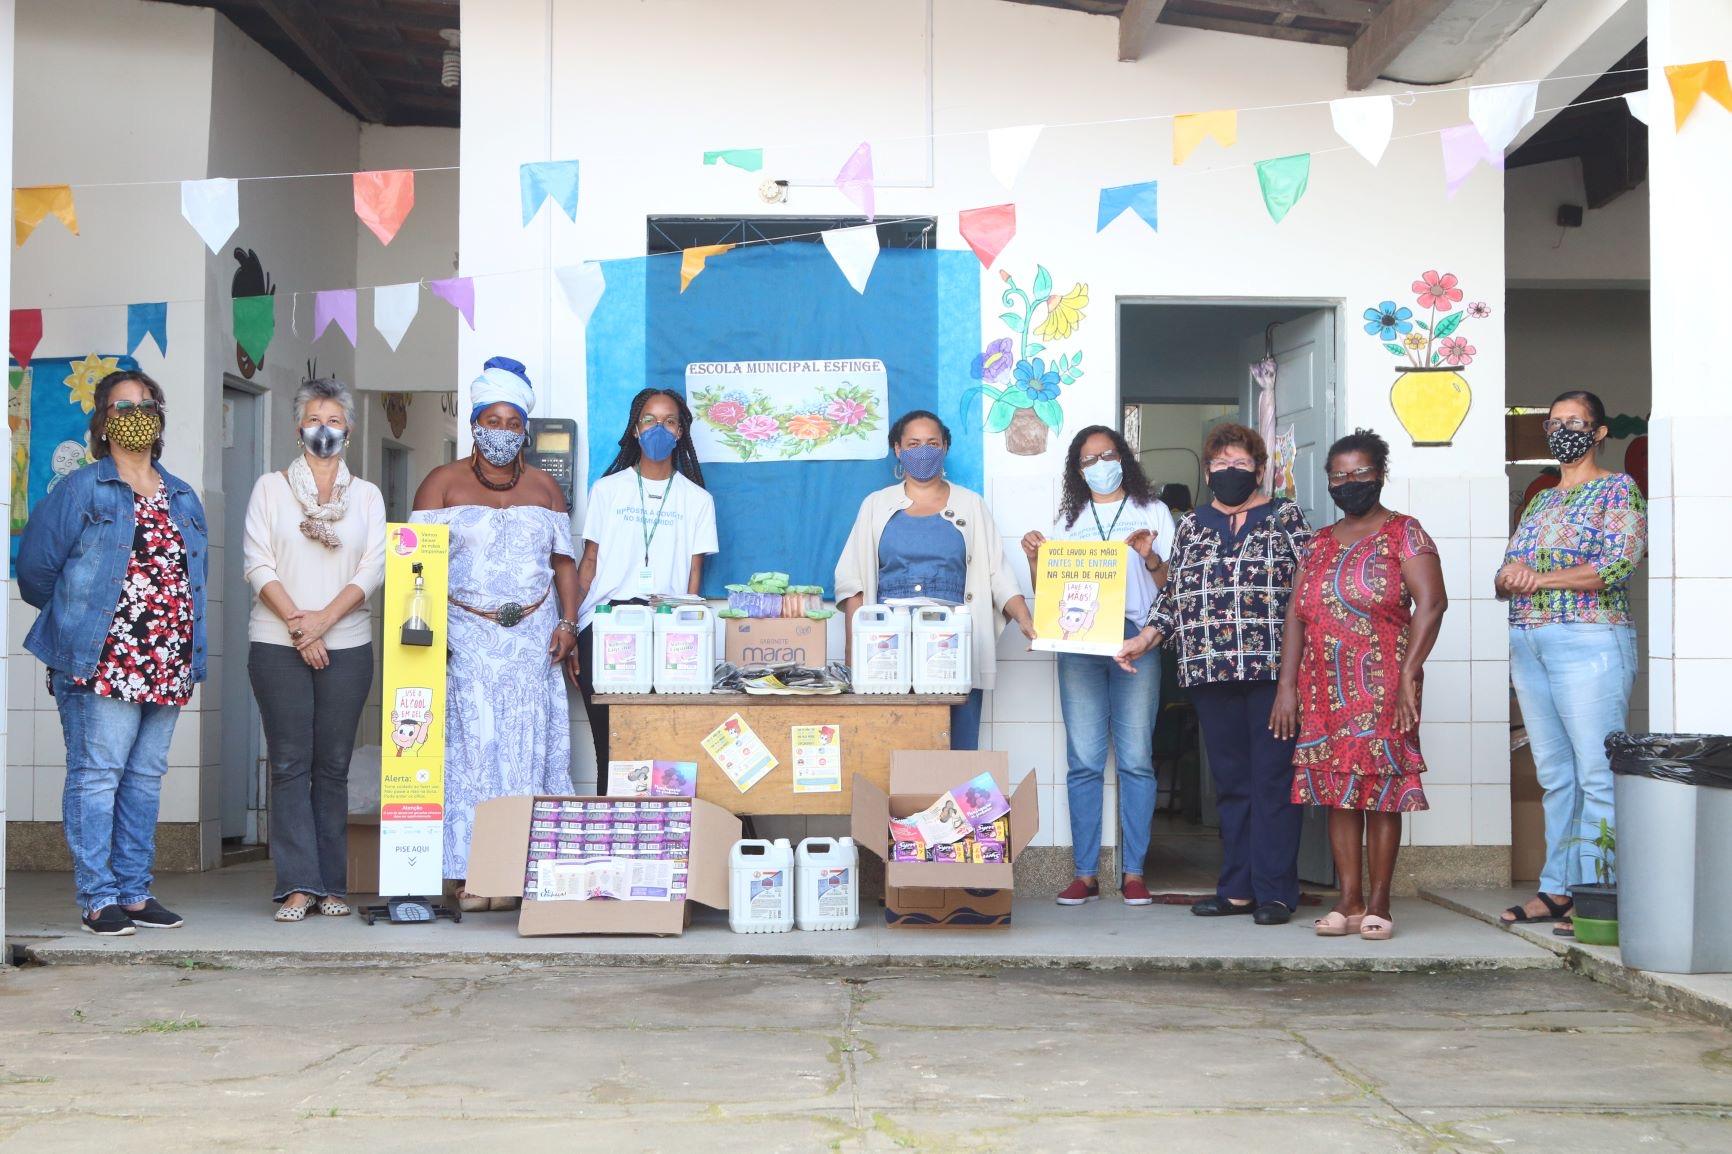 Unicef e AVSI Brasil entregam kits de higiene para escolas municipais de Lauro de Freitas